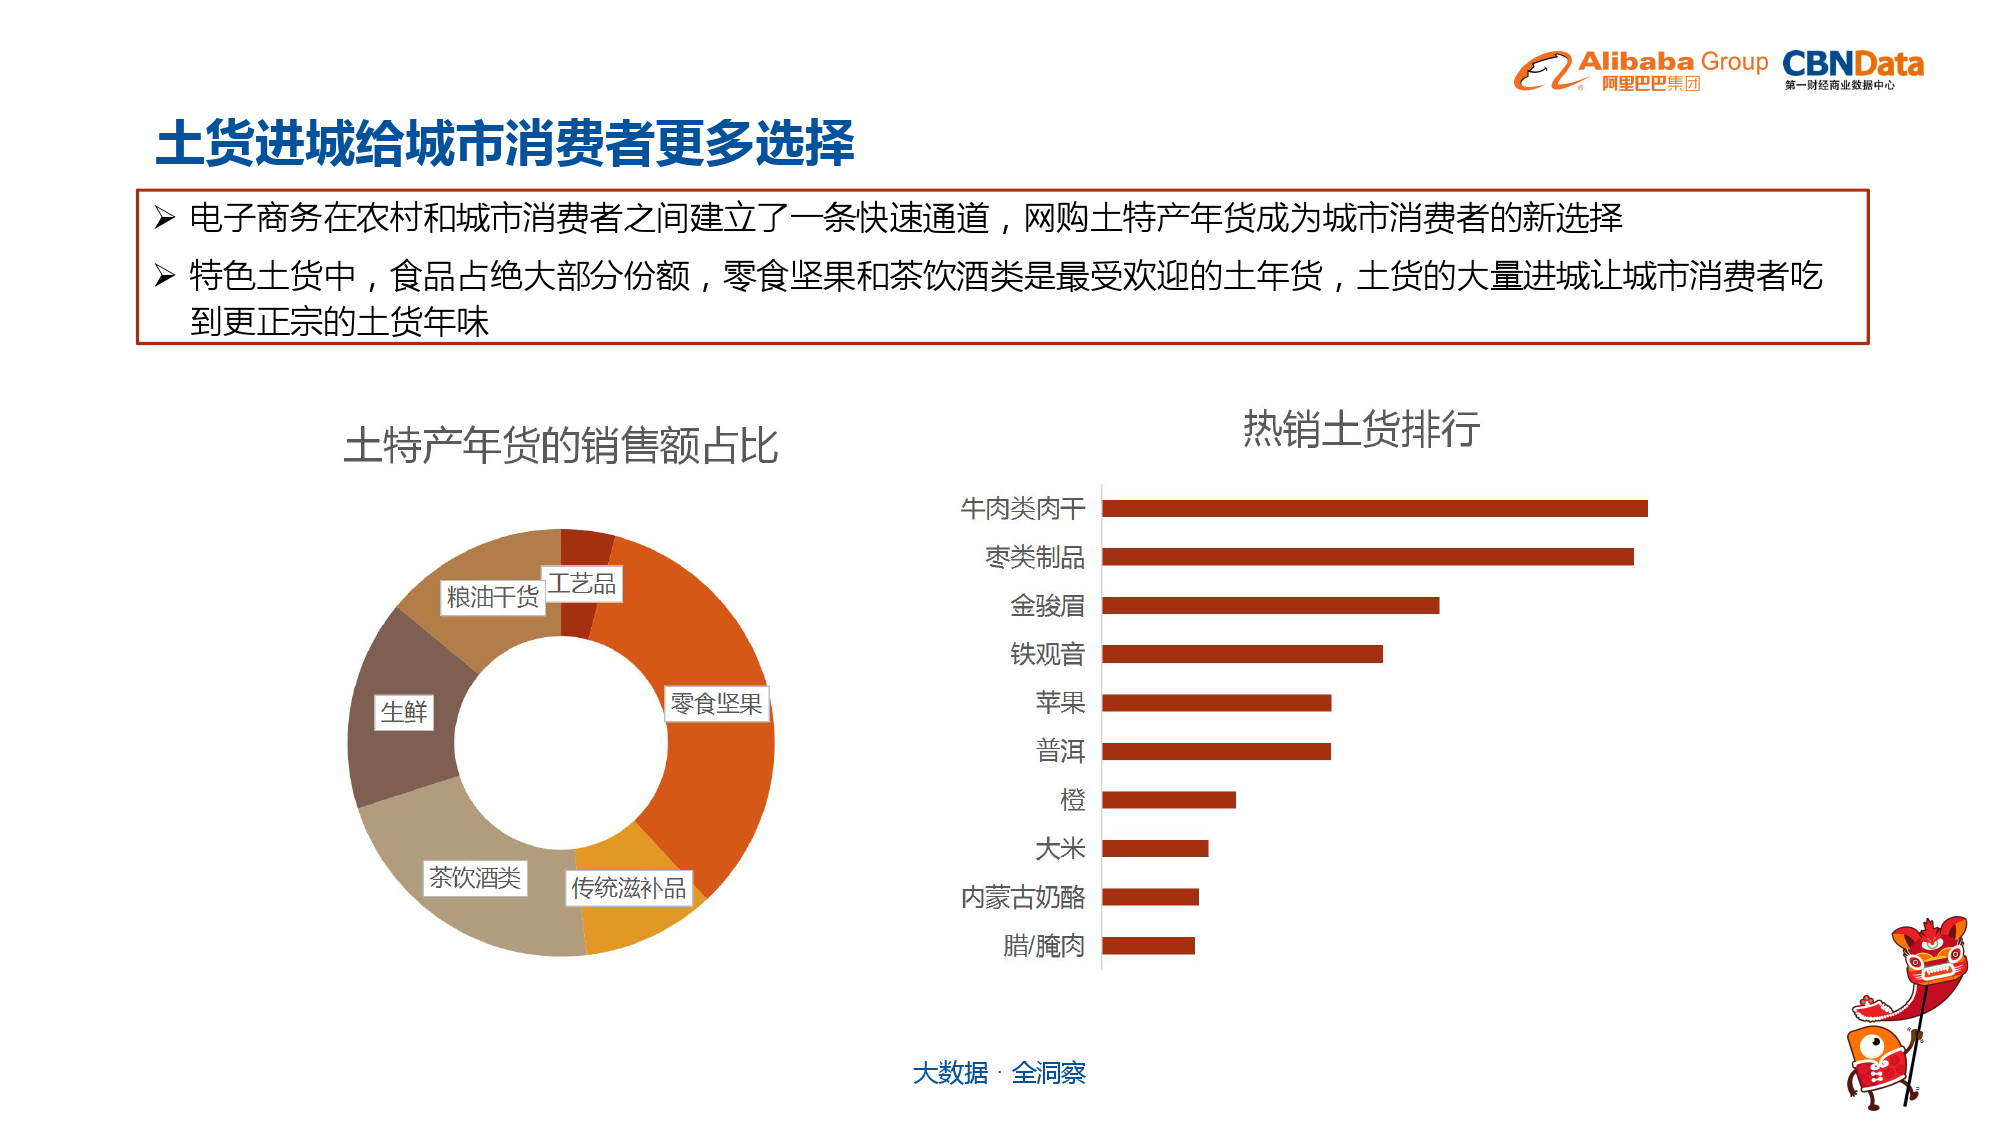 中国年货大数据报告_000008